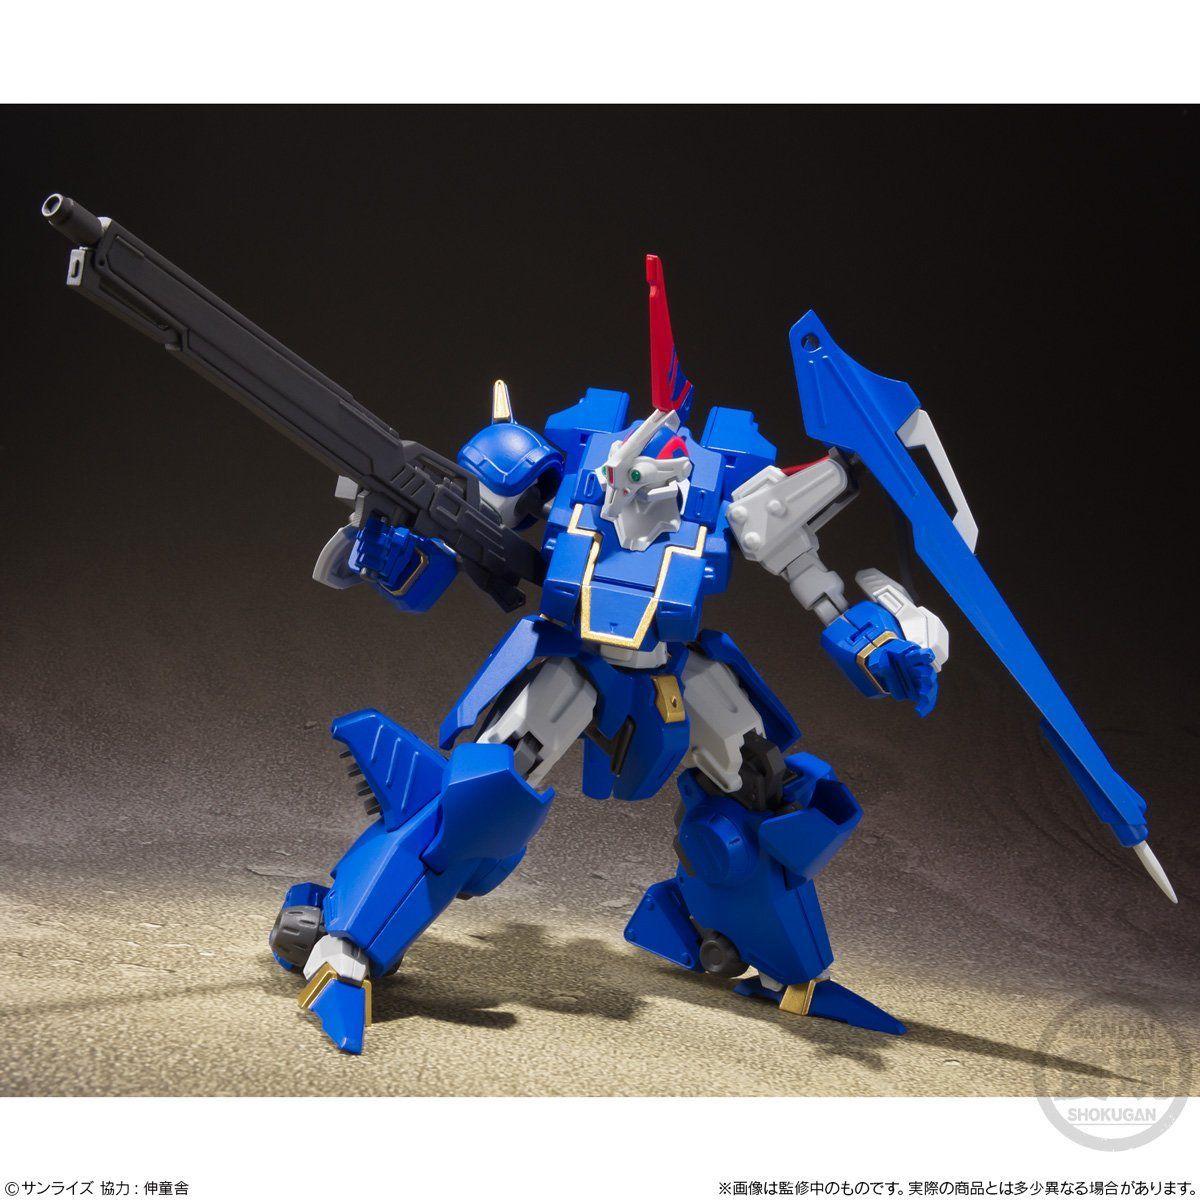 【食玩】スーパーミニプラ『青の騎士ベルゼルガ物語 Vol.3』プラモデル 3個入りBOX-005